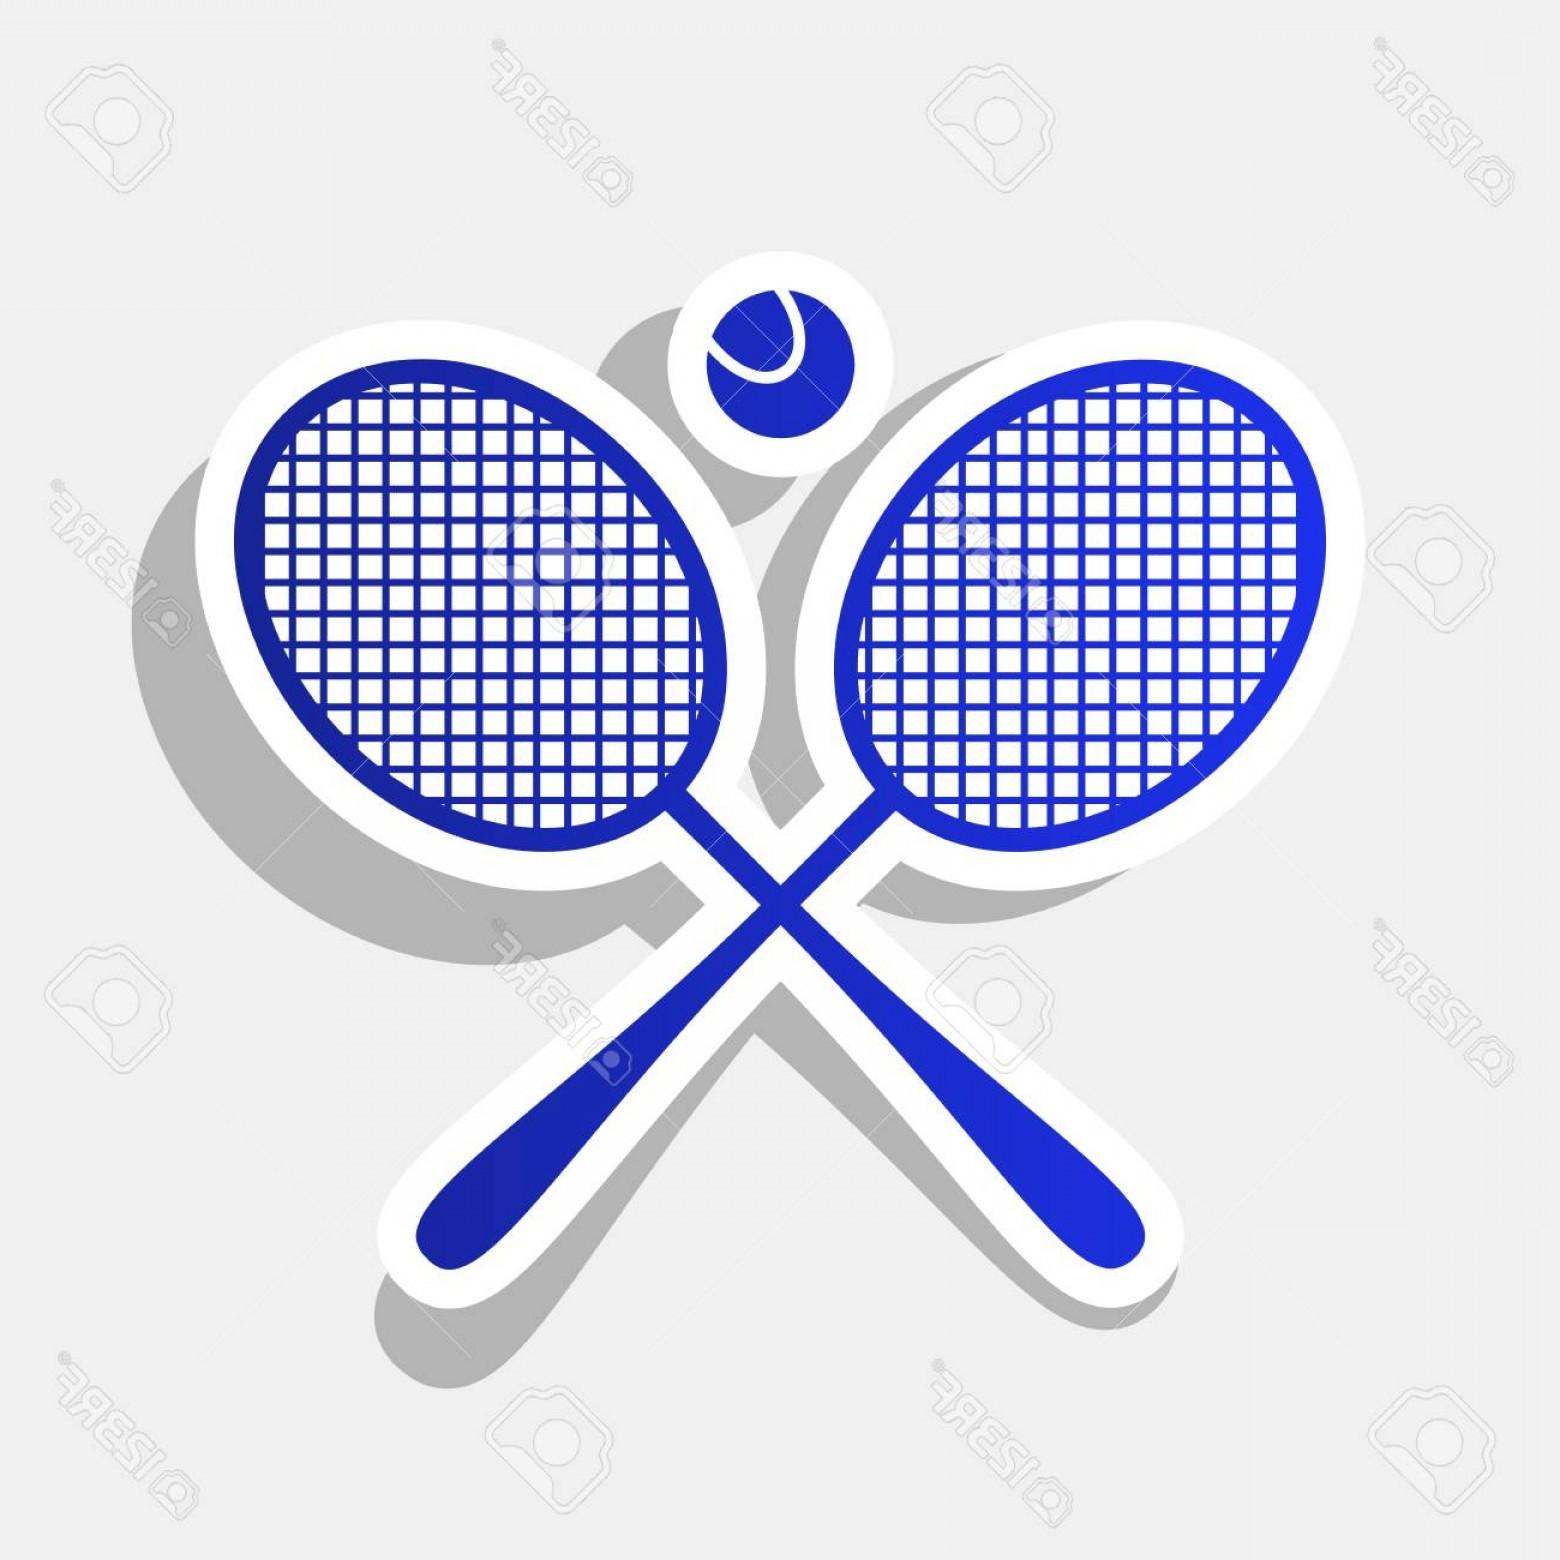 1560x1560 Photosigno De Raqueta De Tenis Vector Icono Azulado De Acbo Nuevo